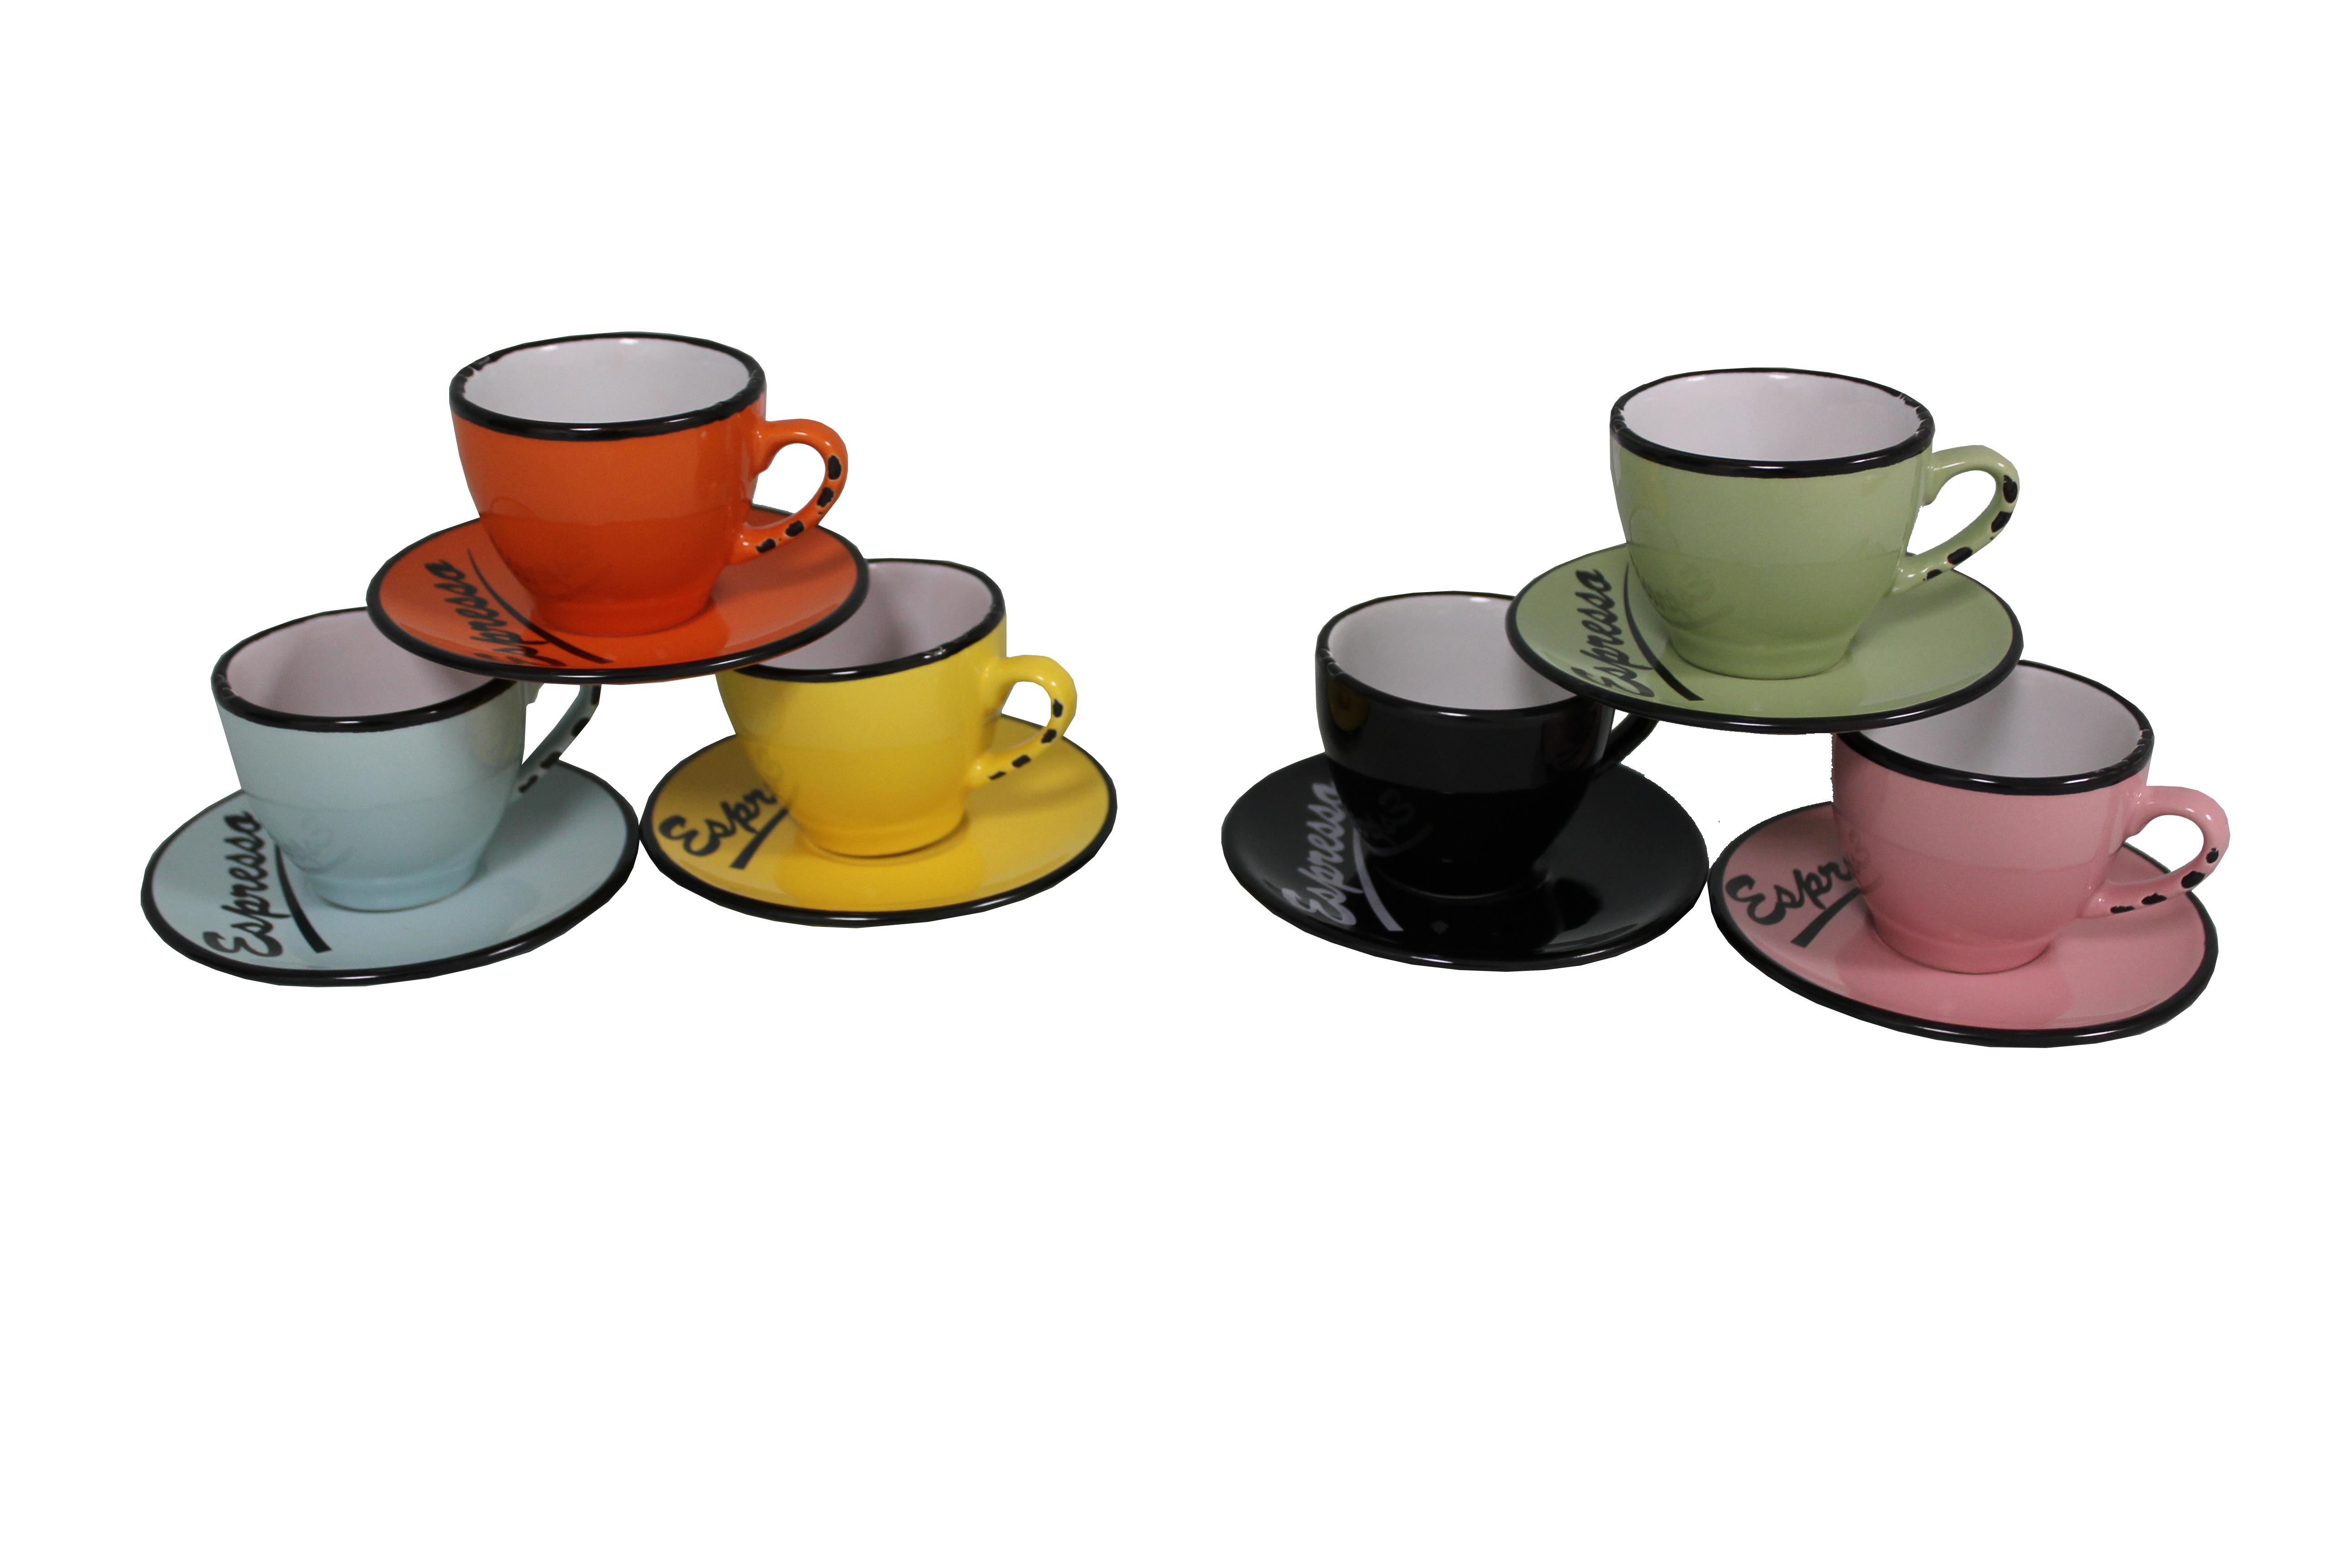 Набор кофейных чашечек (6 шт)Чайные пары и чашки<br>Набор из 6-и кофейных чашечек. Можно использовать в микроволновой печи и посудомоечной машине.&amp;amp;nbsp;&amp;lt;div&amp;gt;Материал: Керамогранит&amp;lt;/div&amp;gt;&amp;lt;div&amp;gt;&amp;lt;br&amp;gt;&amp;lt;/div&amp;gt;&amp;lt;div&amp;gt;Чашечка: высота 4,5, диаметр 6;&amp;amp;nbsp;&amp;lt;/div&amp;gt;&amp;lt;div&amp;gt;Блюдце: диаметр 10.&amp;lt;br&amp;gt;&amp;lt;/div&amp;gt;<br><br>Material: Керамика<br>Length см: None<br>Width см: 25<br>Depth см: 22<br>Height см: 11